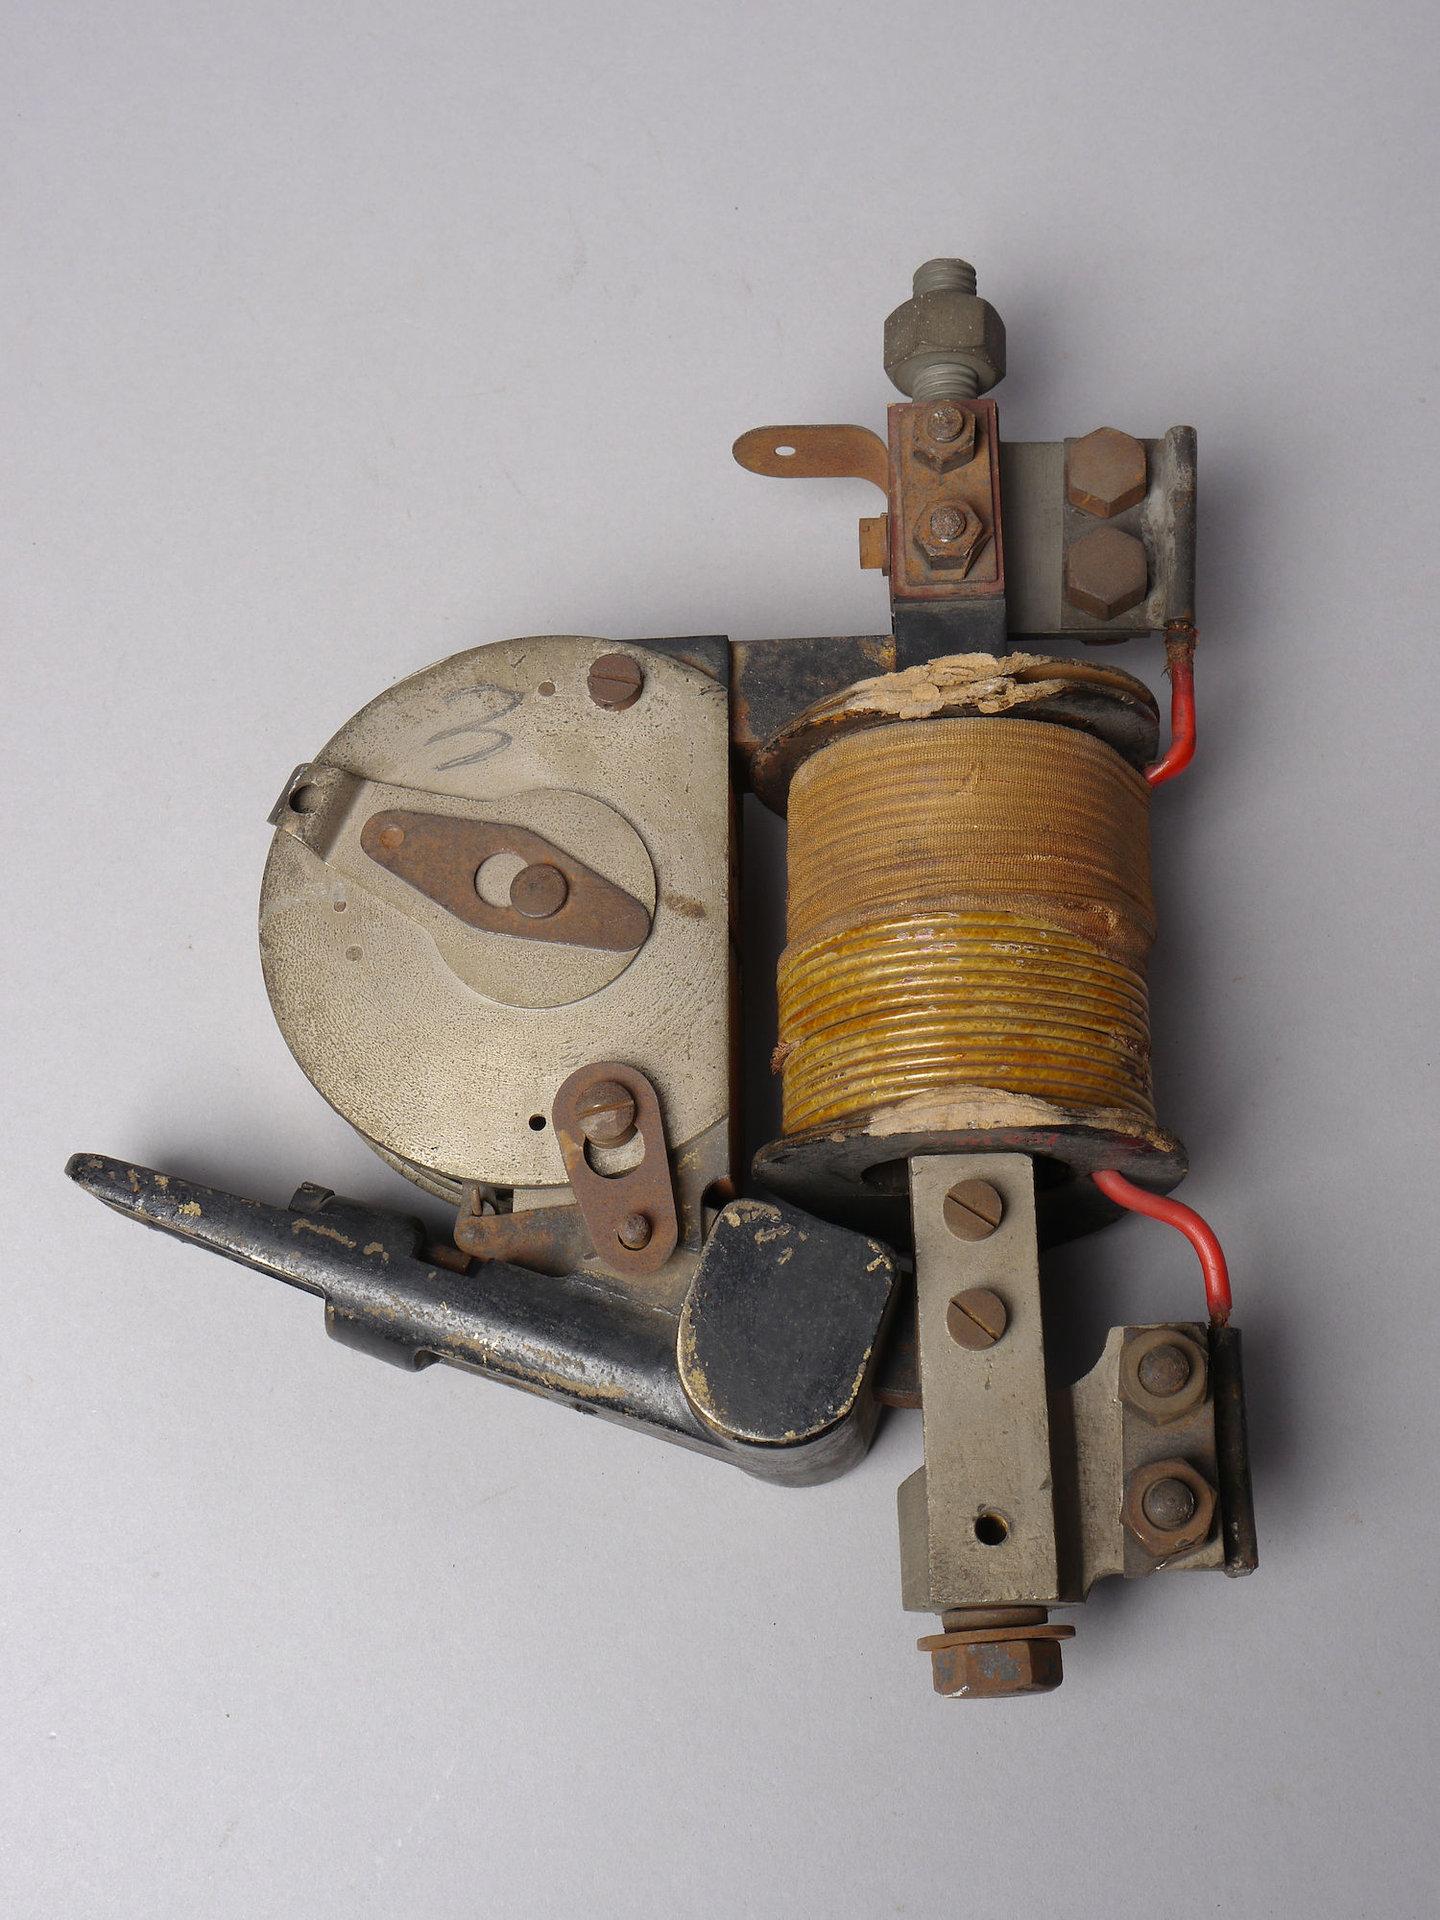 Zware elektromagnetische beveiliging voor elektrisch systeem